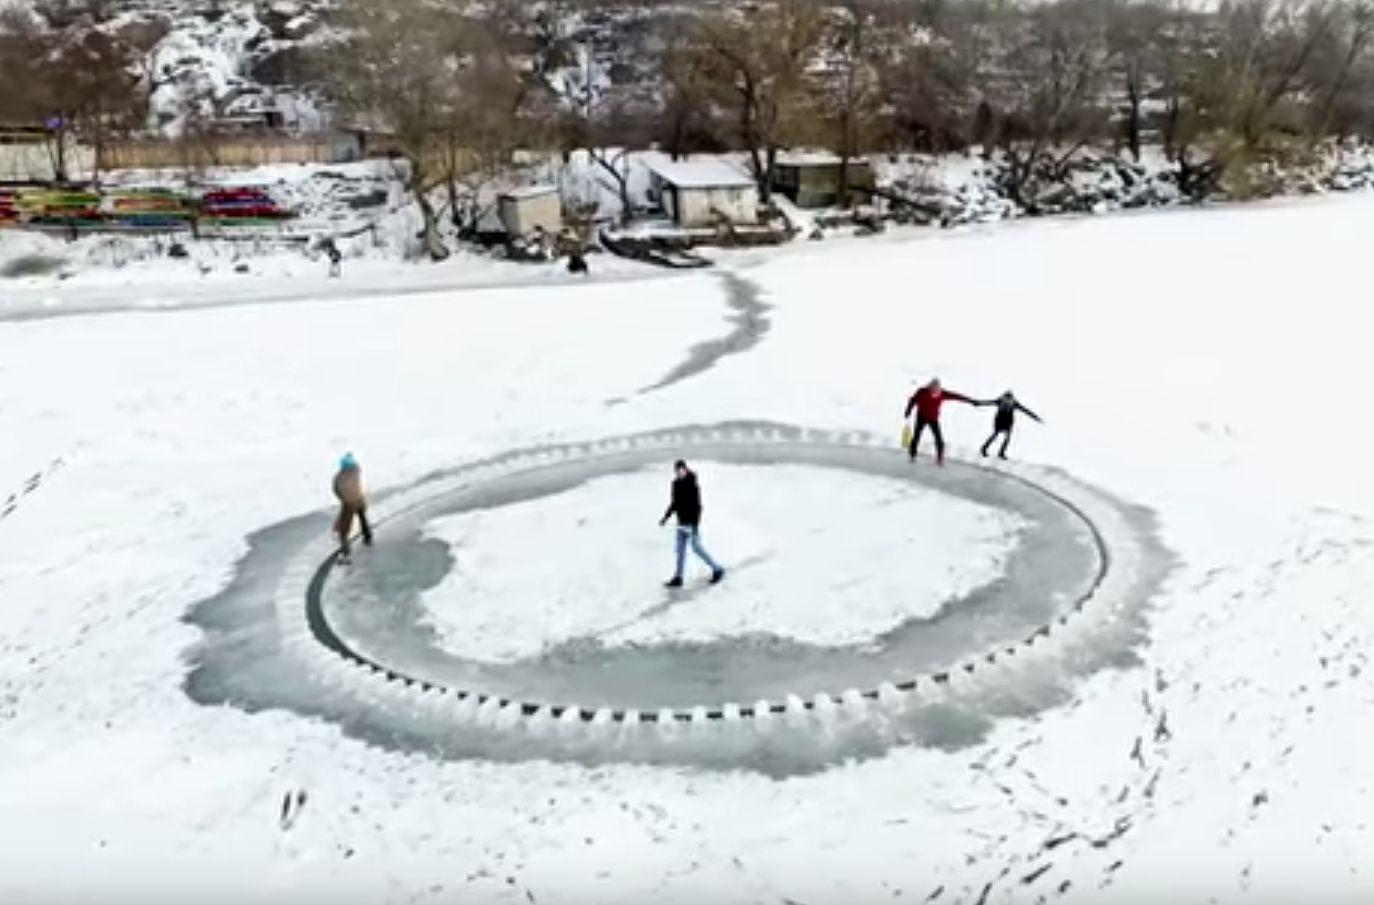 Carrusel de hielo en Ucrania